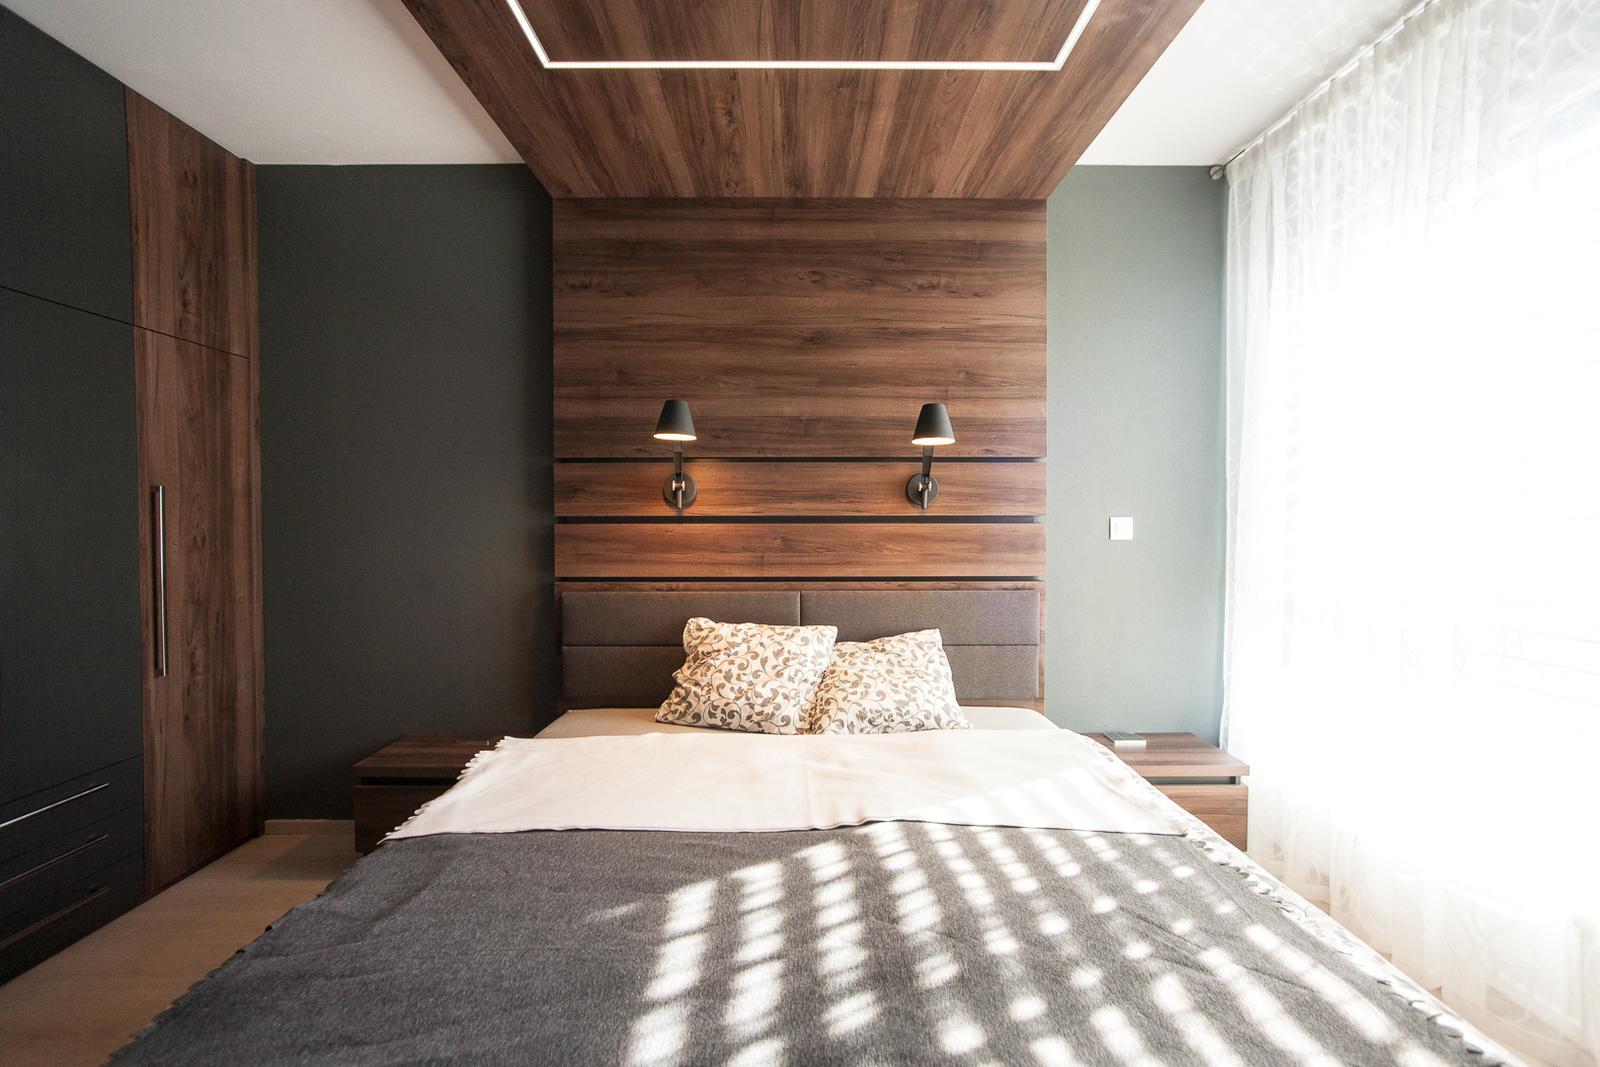 Moderný byt v Bratislave - Obrázok č. 3